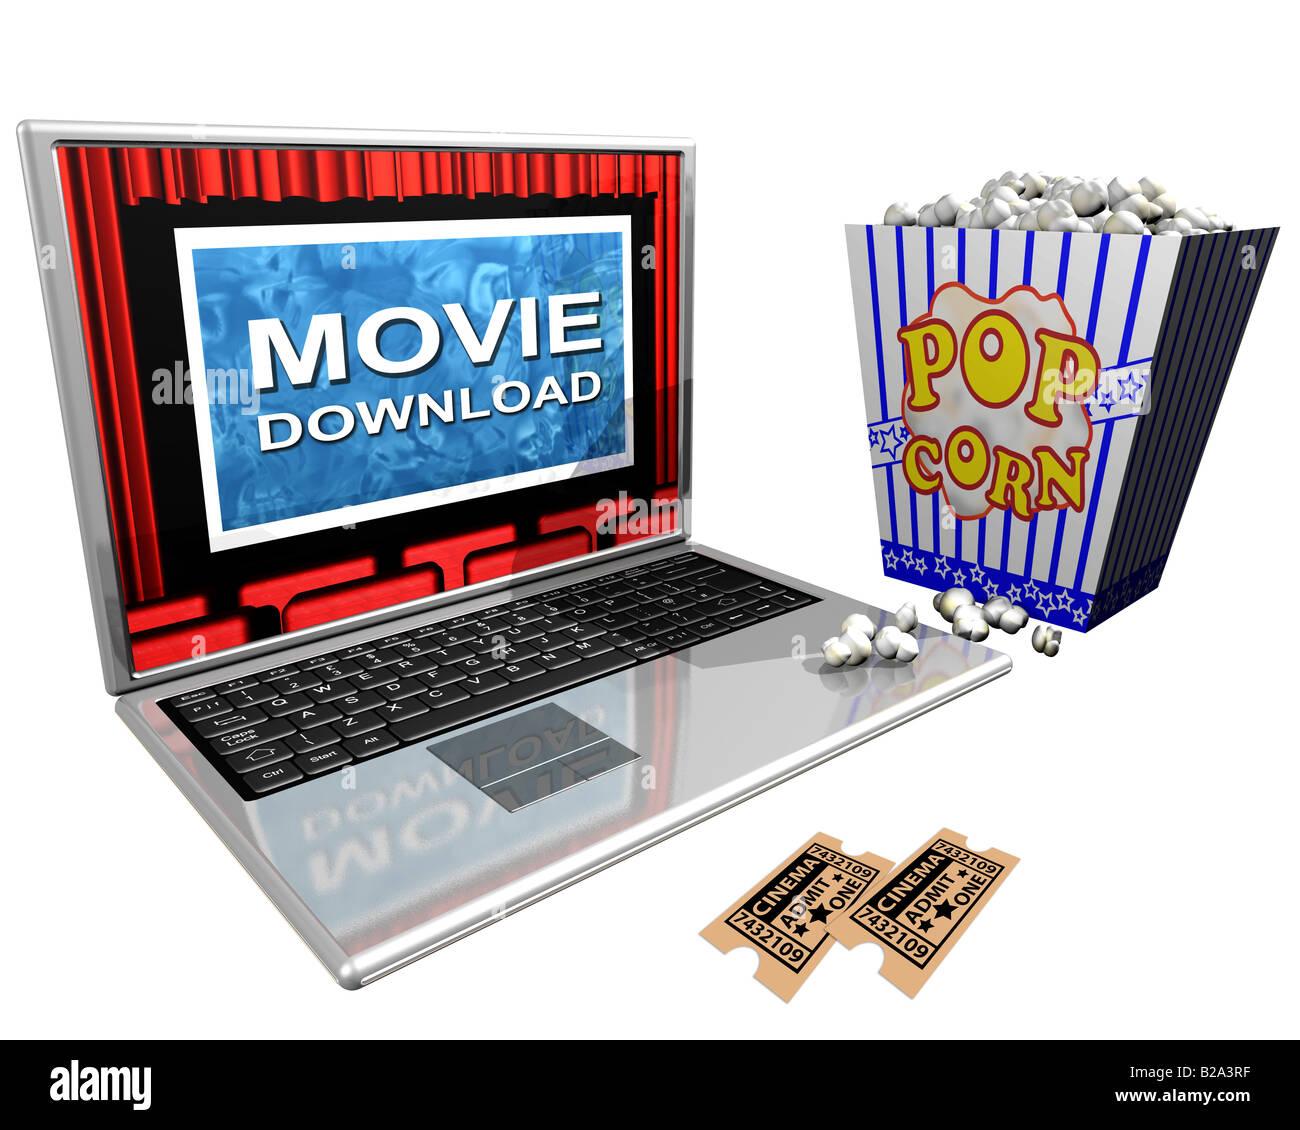 Ilustración aislada de un portátil y un balde de palomitas retratando a descargas de películas a Imagen De Stock